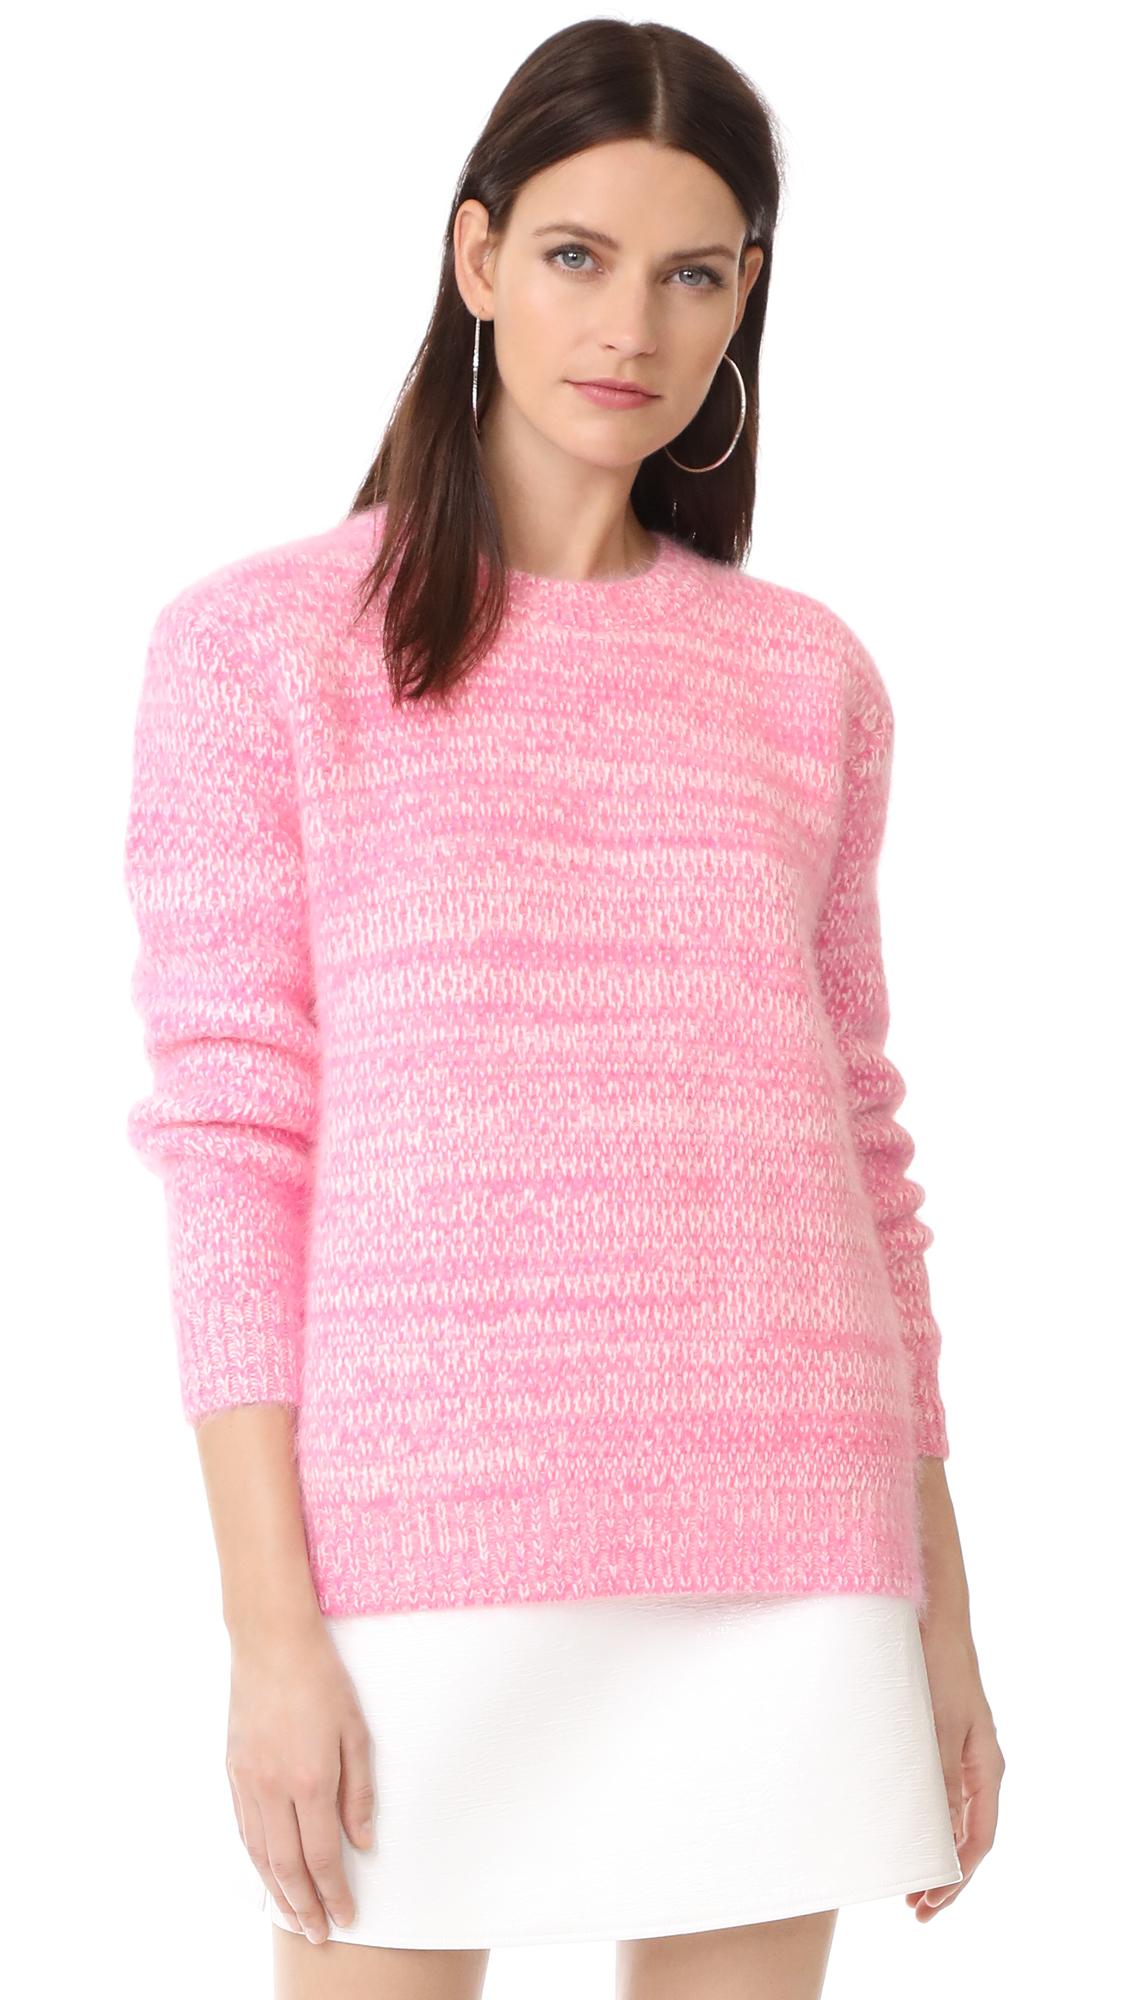 Diane von Furstenberg Angora Marl Sweater - Azalea/Ivory